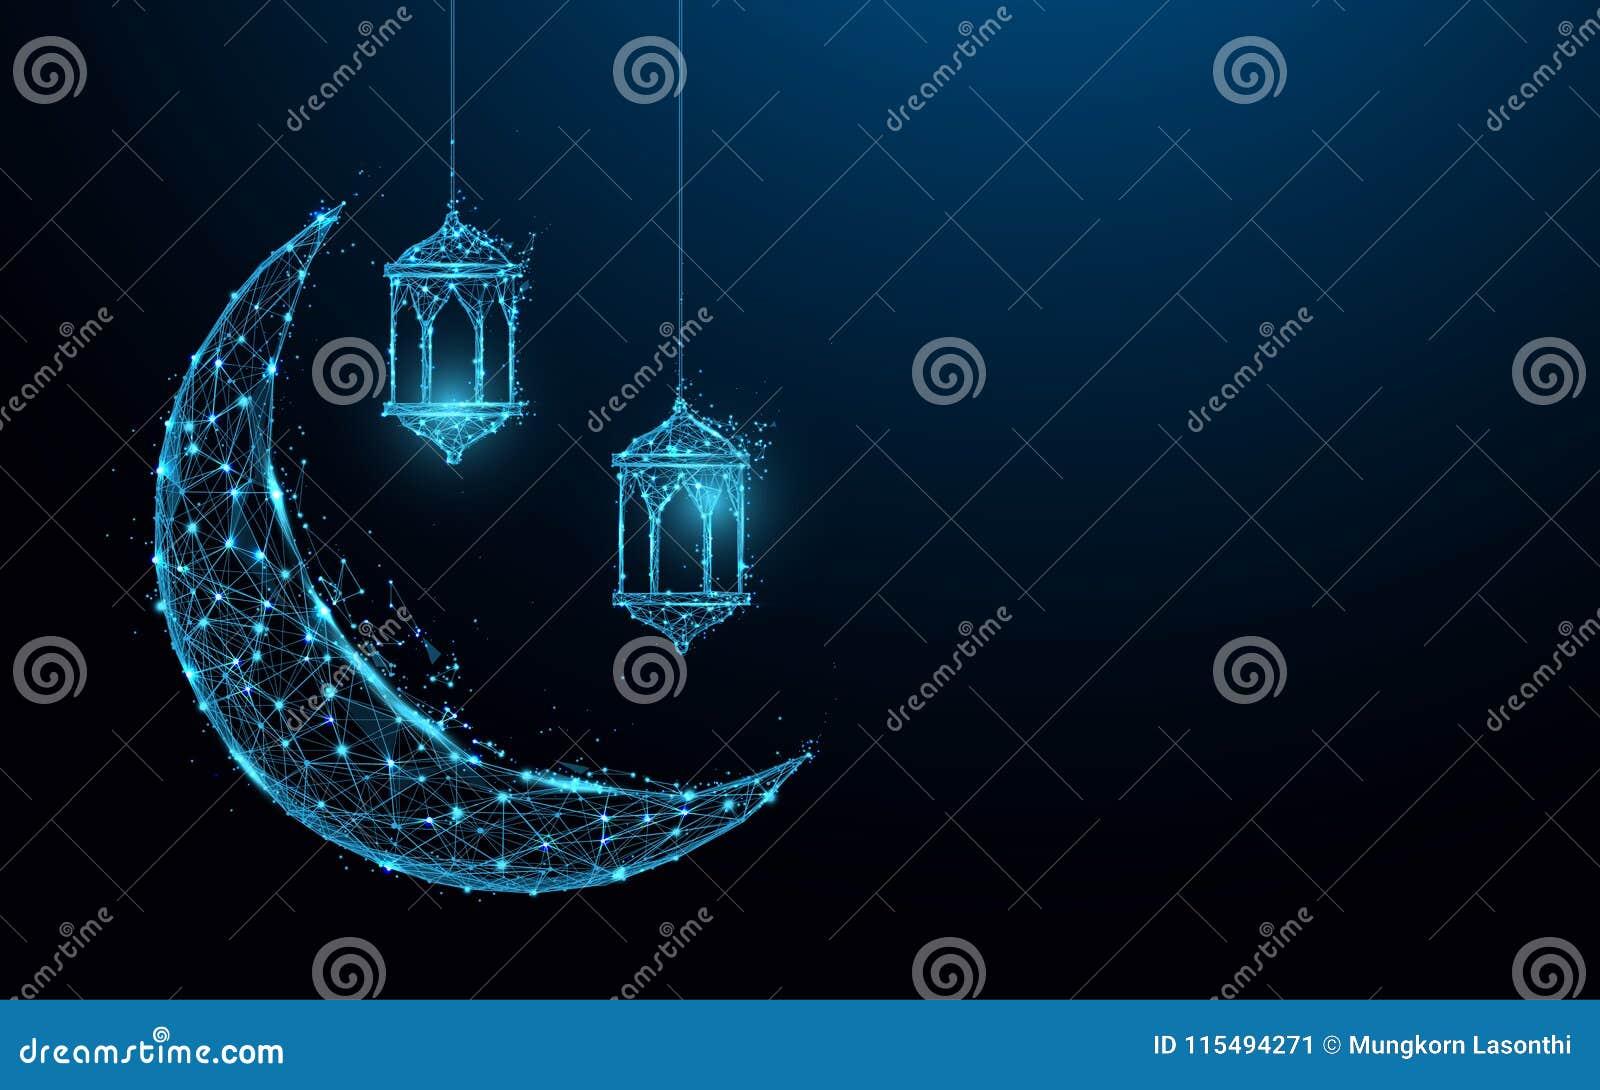 与垂悬的灯伊斯兰教的节日概念形式线和三角,在蓝色背景的点连接的网络的新月形月亮